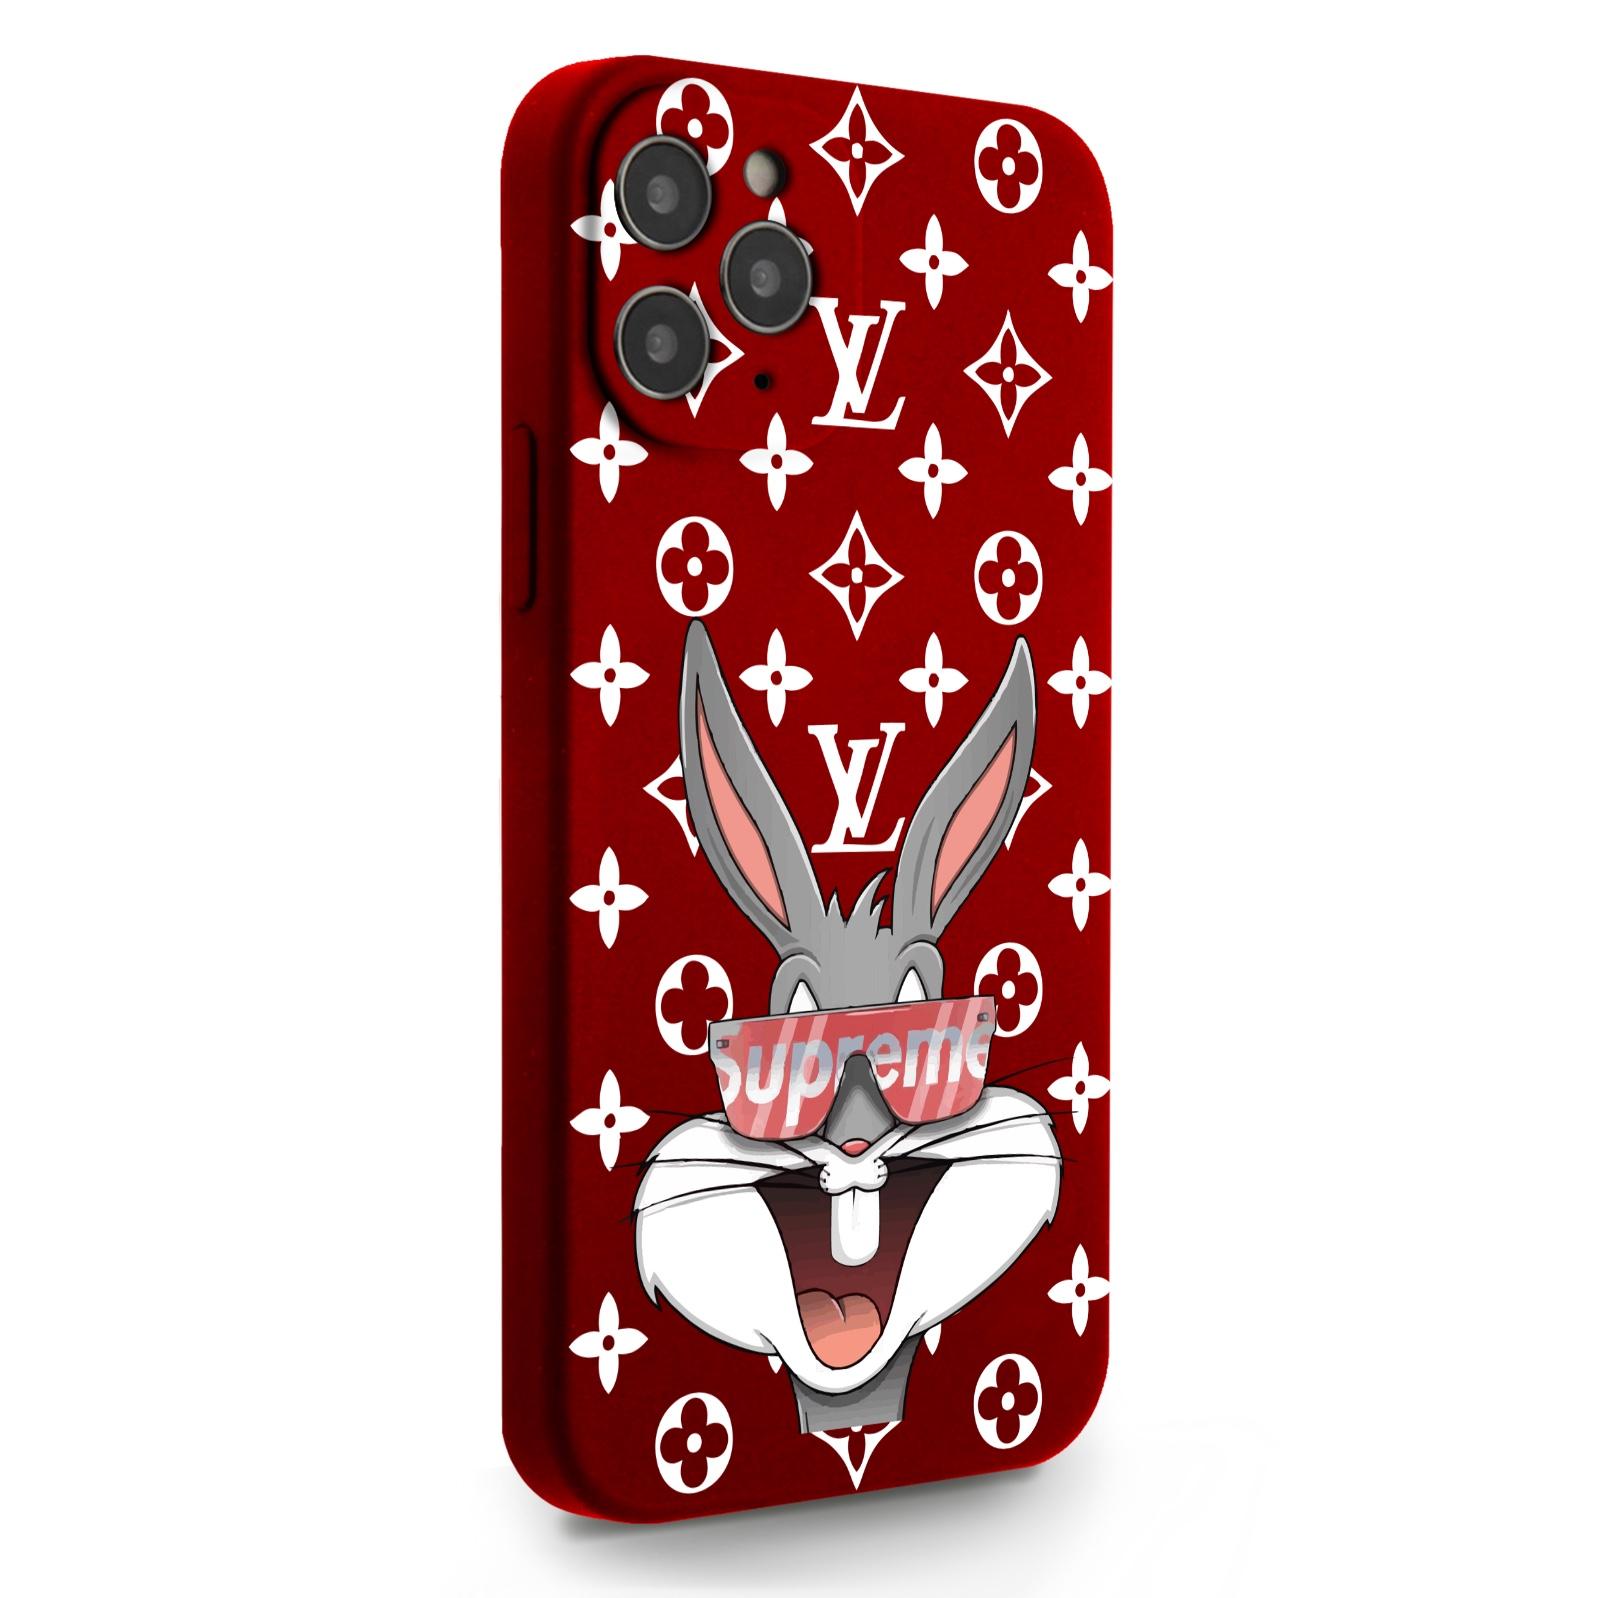 Красный силиконовый чехол для iPhone 12/12 Pro Мистер Богатый Заяц Supreme/ Mr. Rich Bunny Supreme для Айфон 12/12 Про